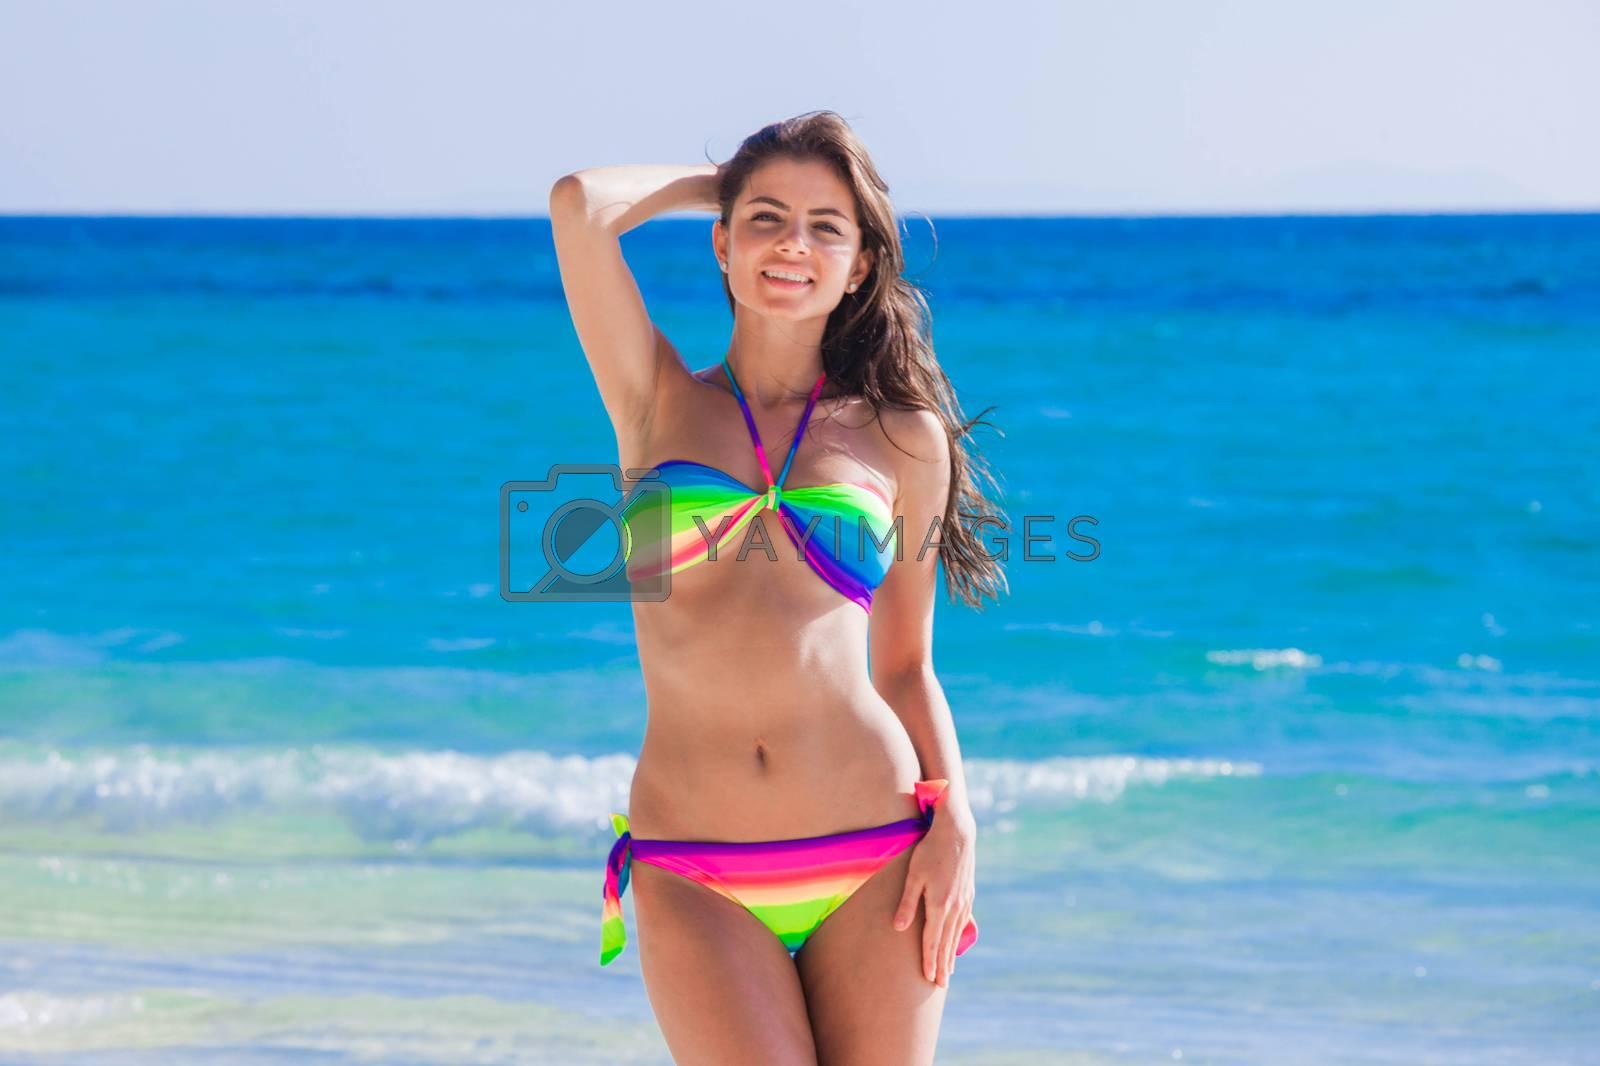 Girl in rainbow bikini at seaside by Yellowj